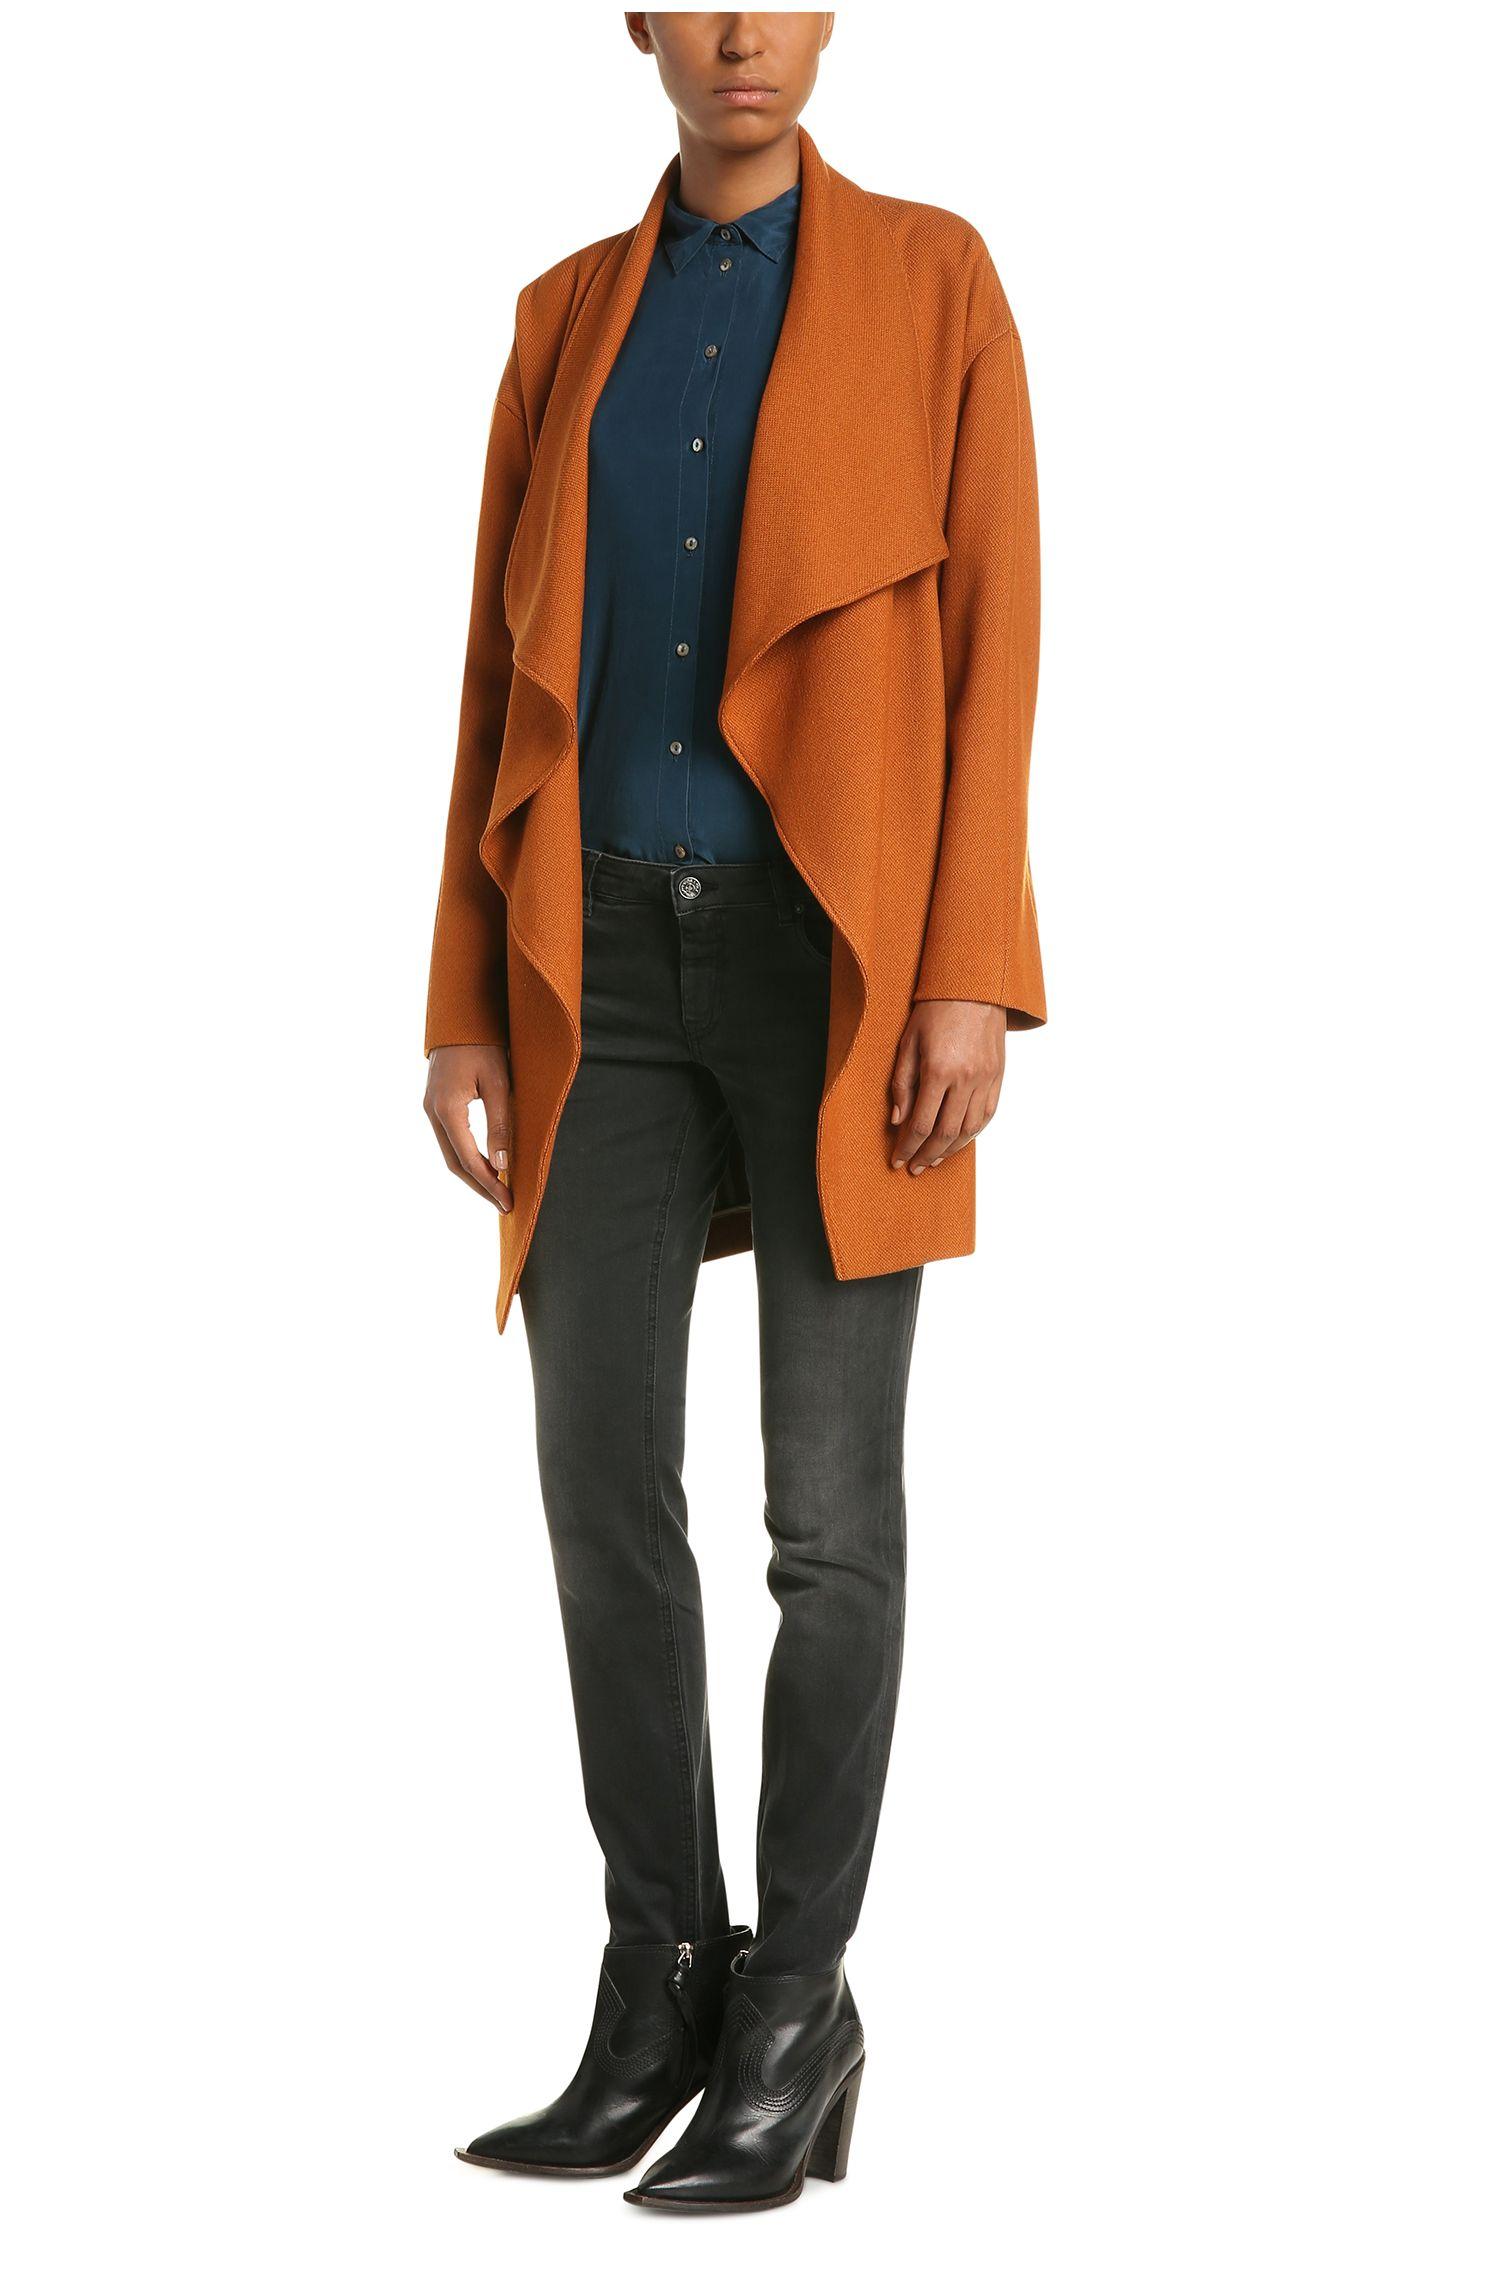 Jeans Slim Fit délavé en coton extensible mélangé: «Orange J20 Berlin»